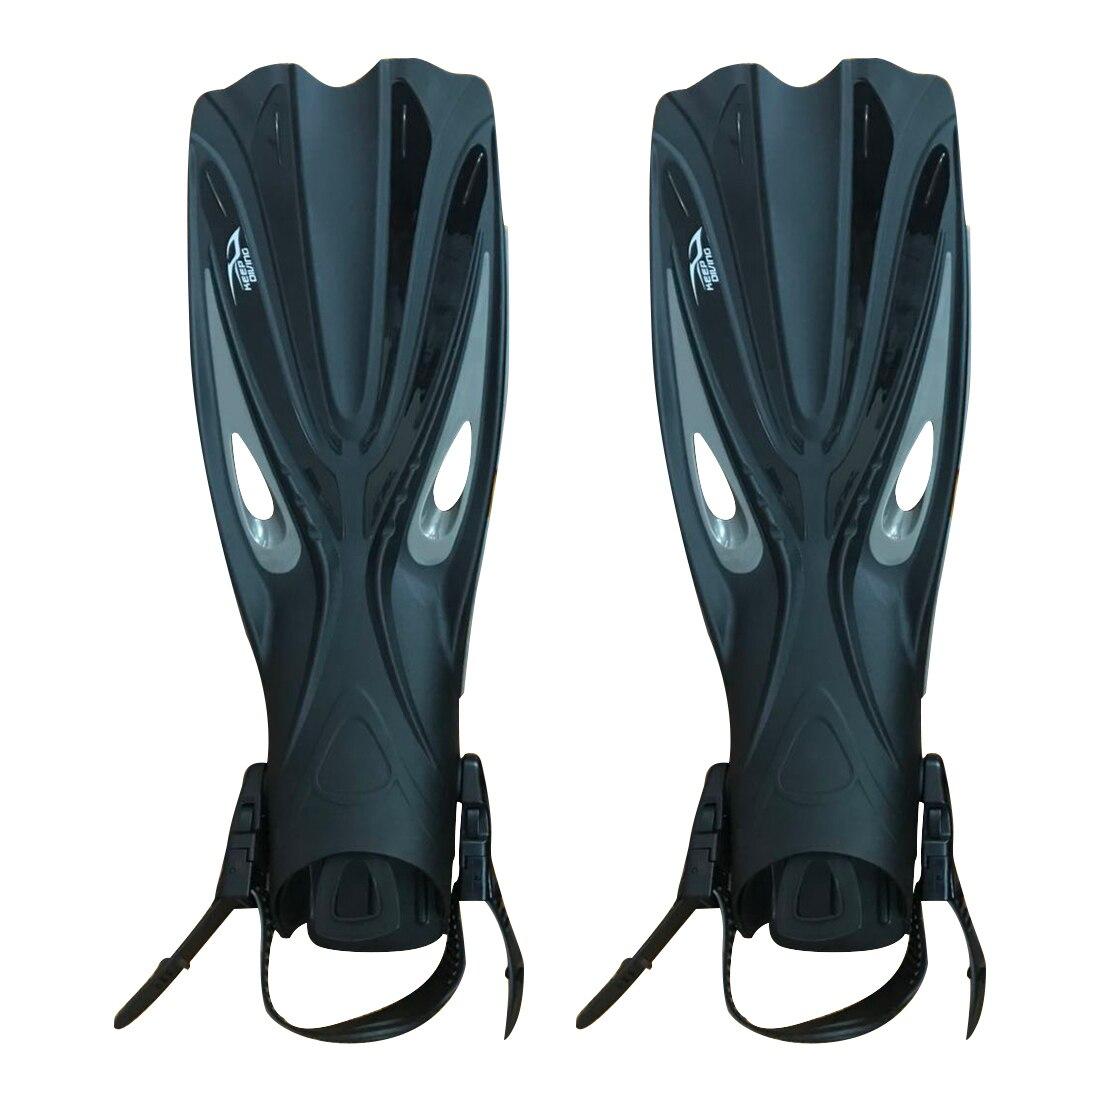 Super vendre-GARDER la PLONGÉE Ouvert Talon Plongée sous-marine Longues Nageoires Plongée En Apnée Réglable nageoires Spécial Pour la Plongée Bottes Chaussures Gea